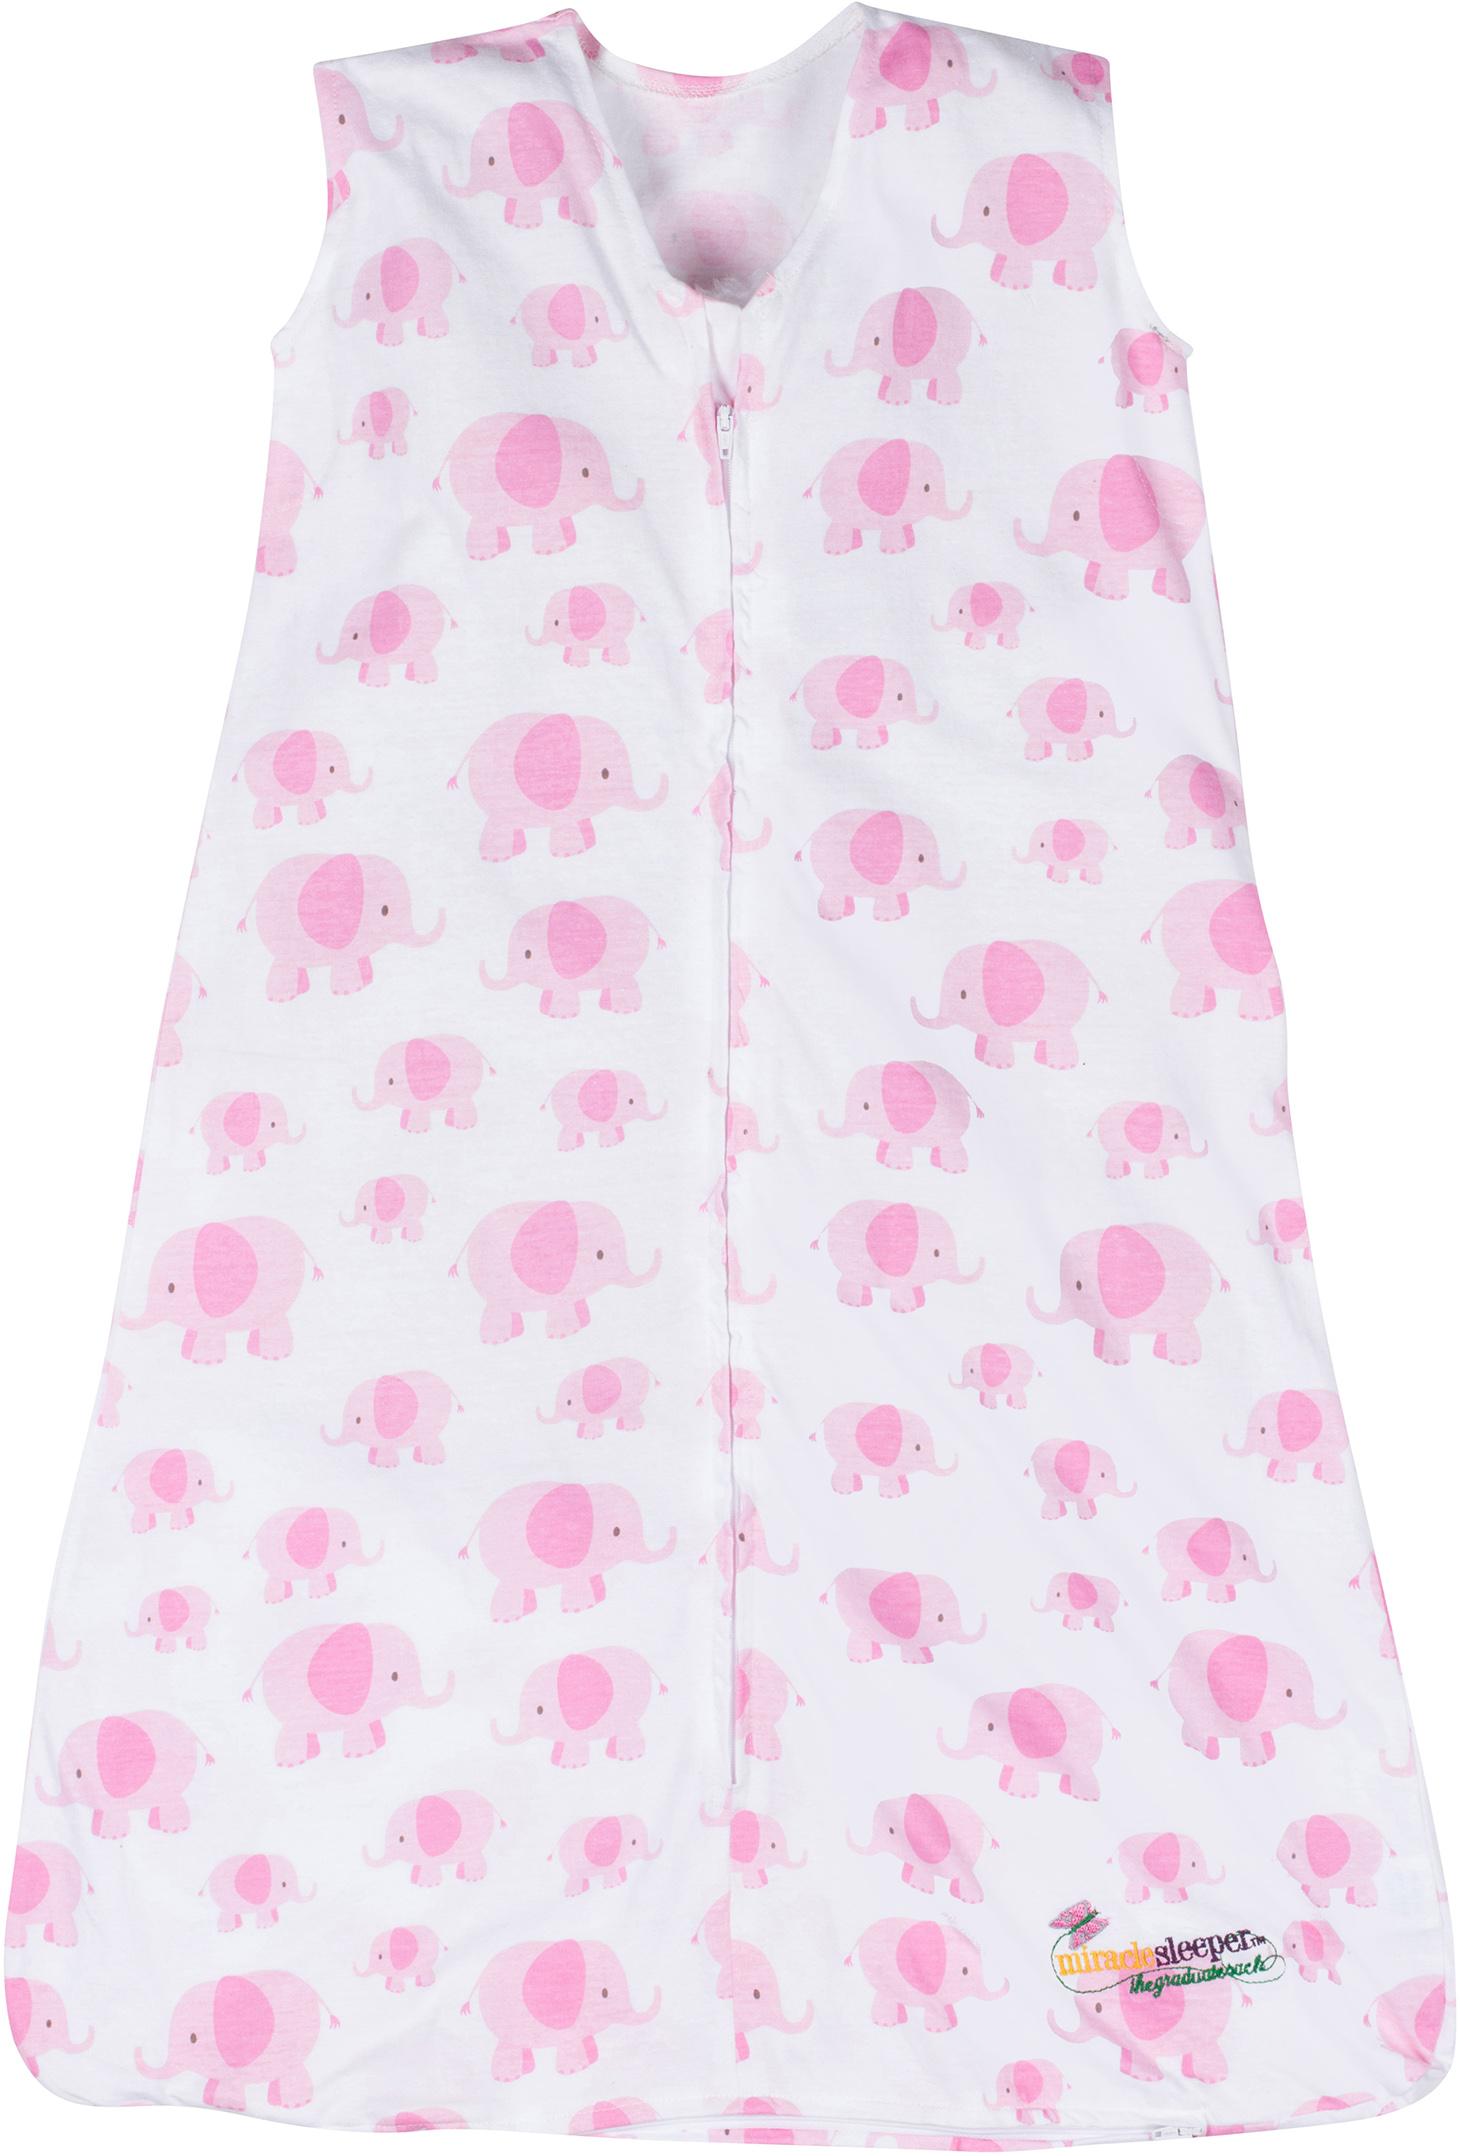 Miracle Sleeper®: Pink Elephant